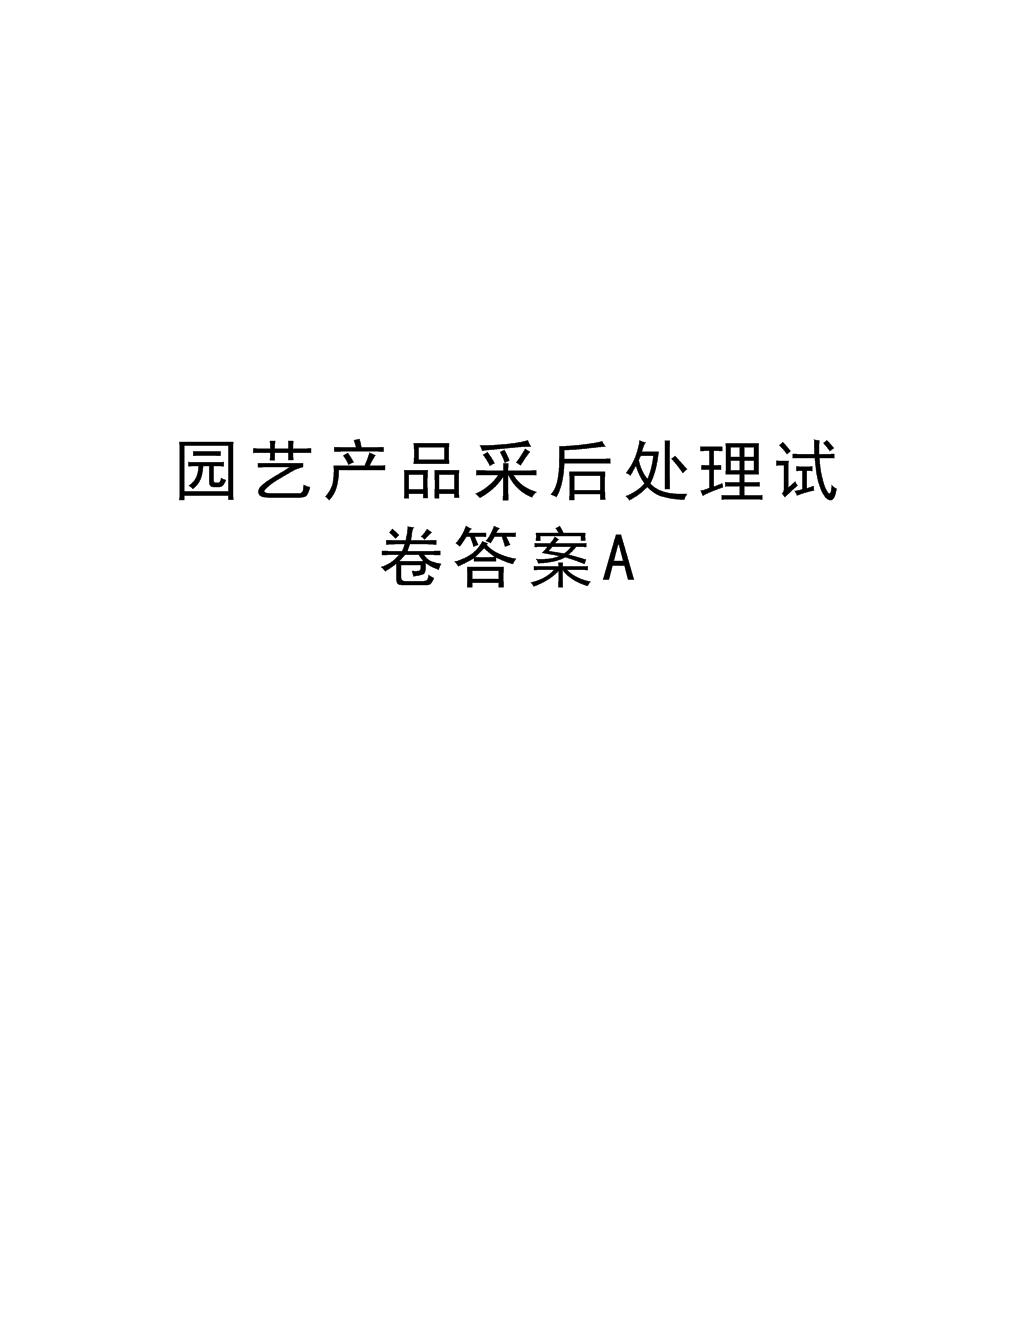 園藝產品采后處理試卷答案A備課講稿.doc